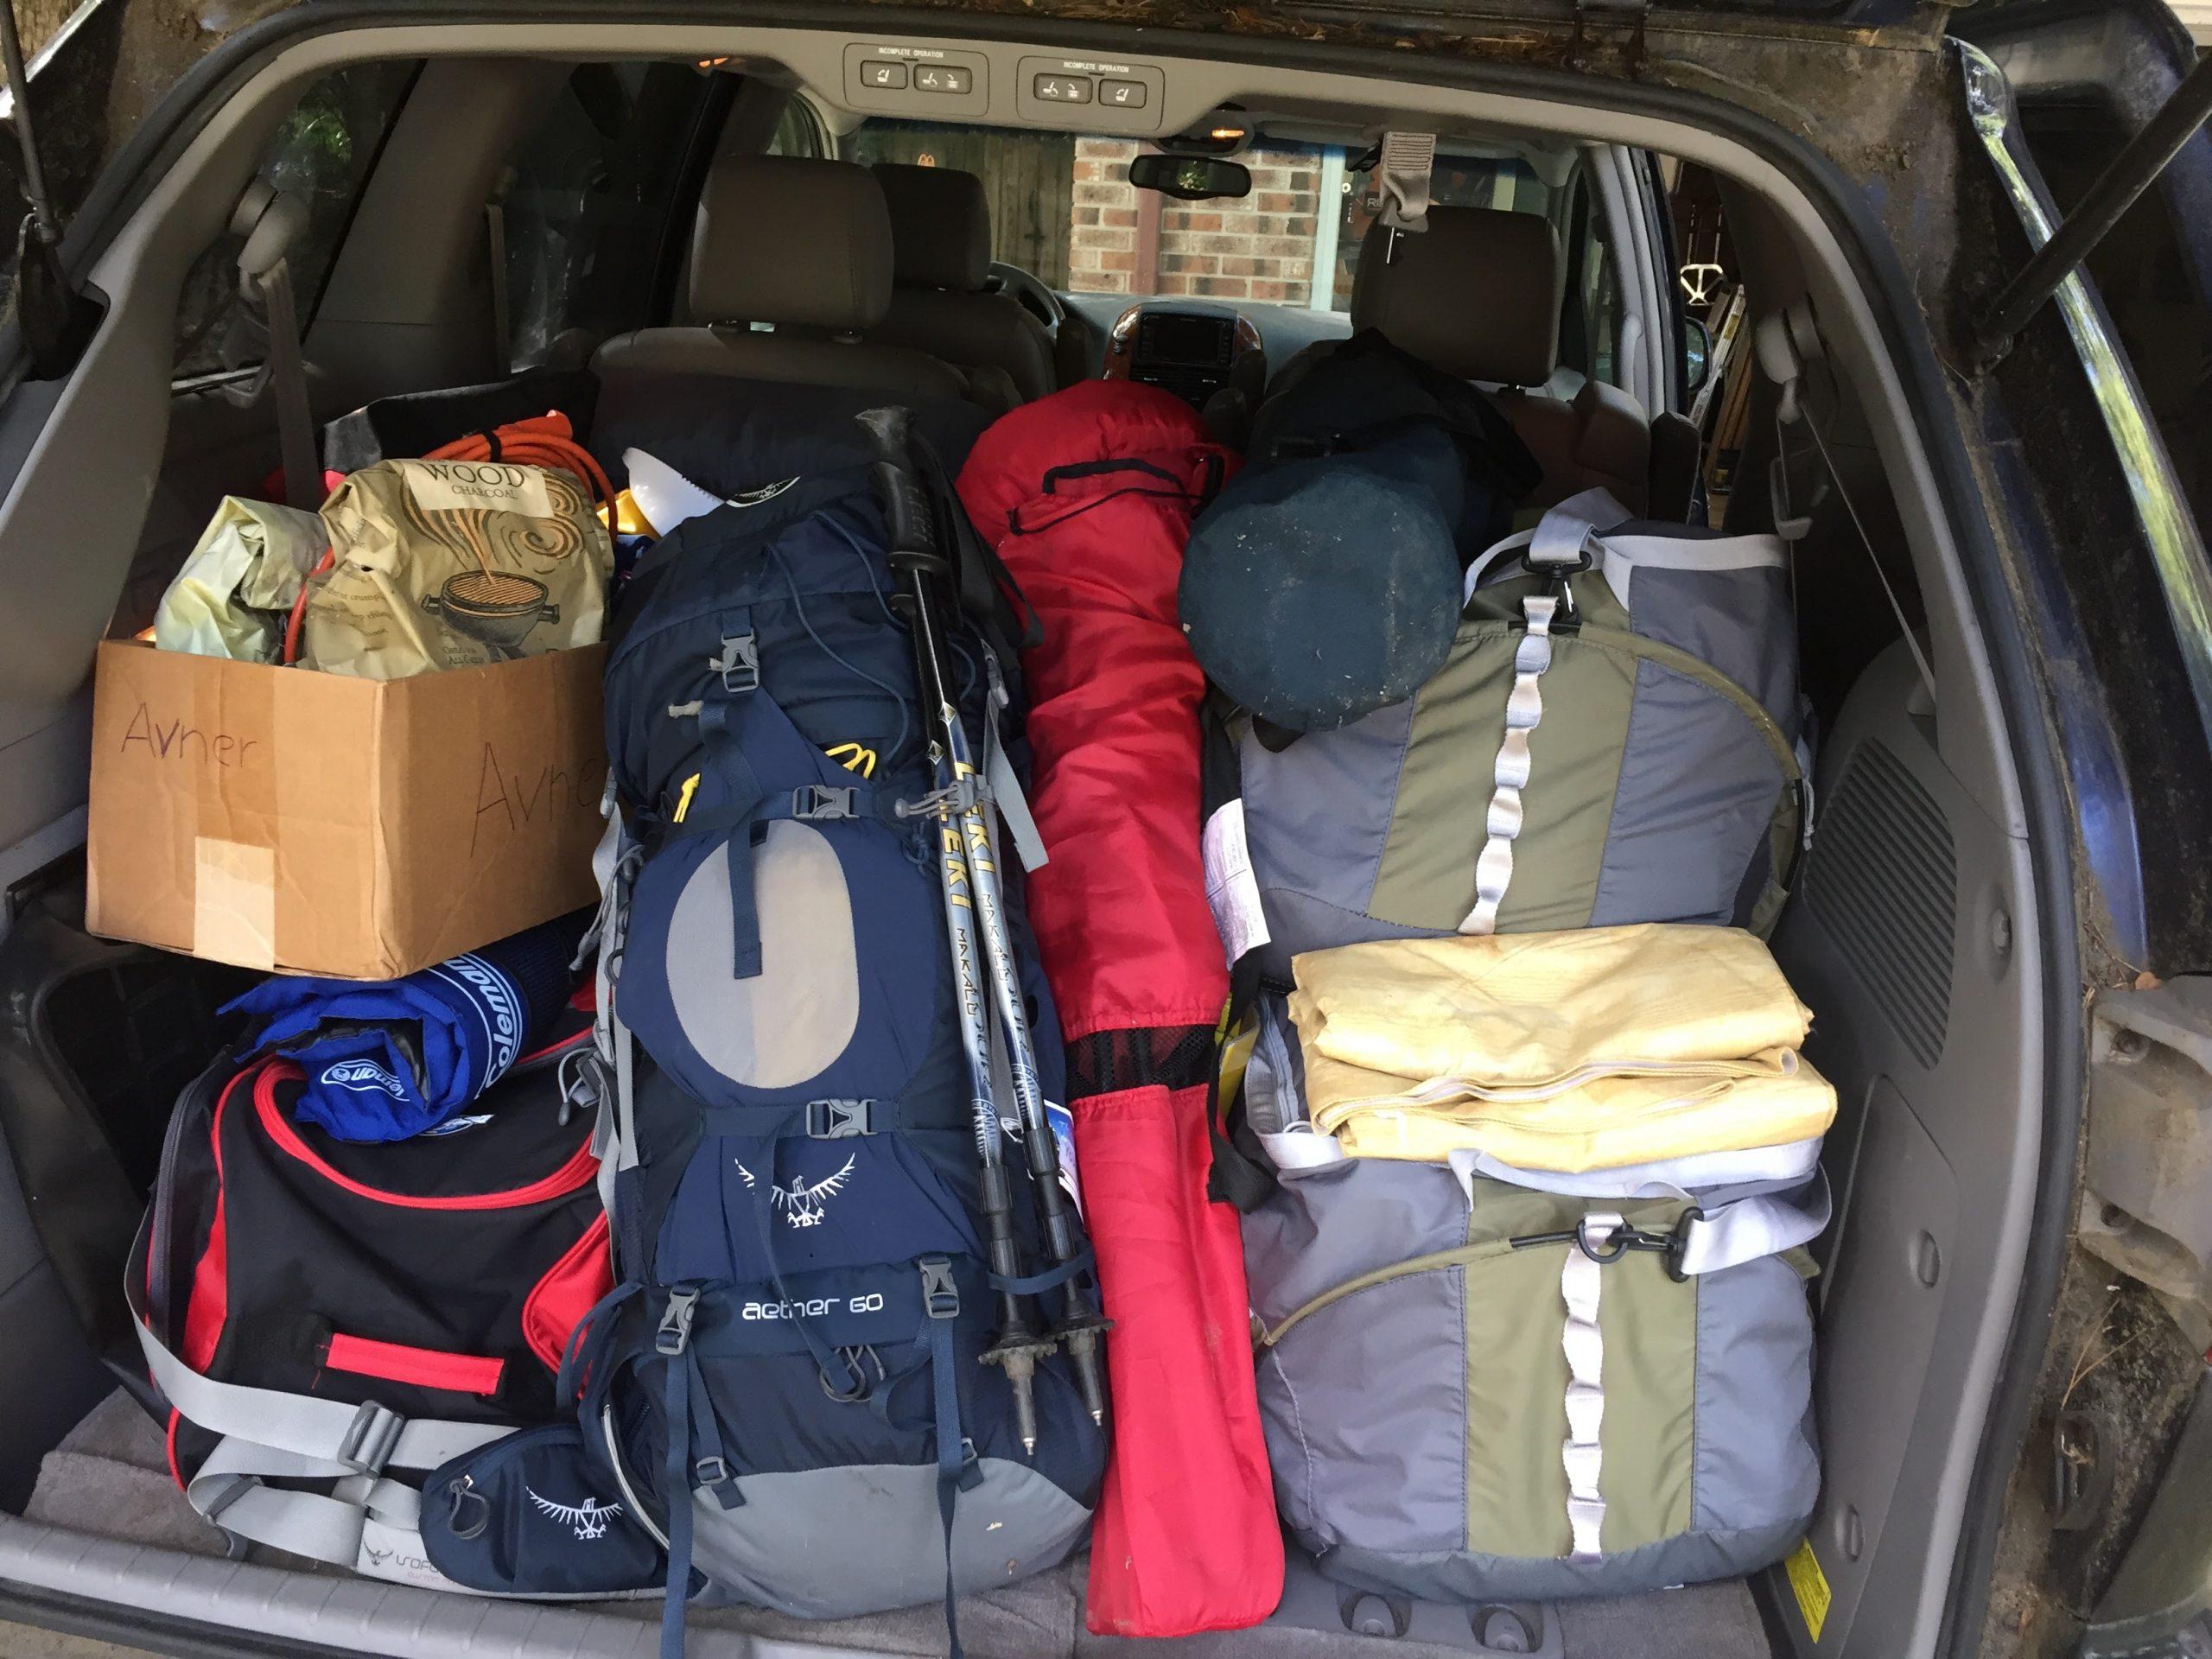 car full of camping gear